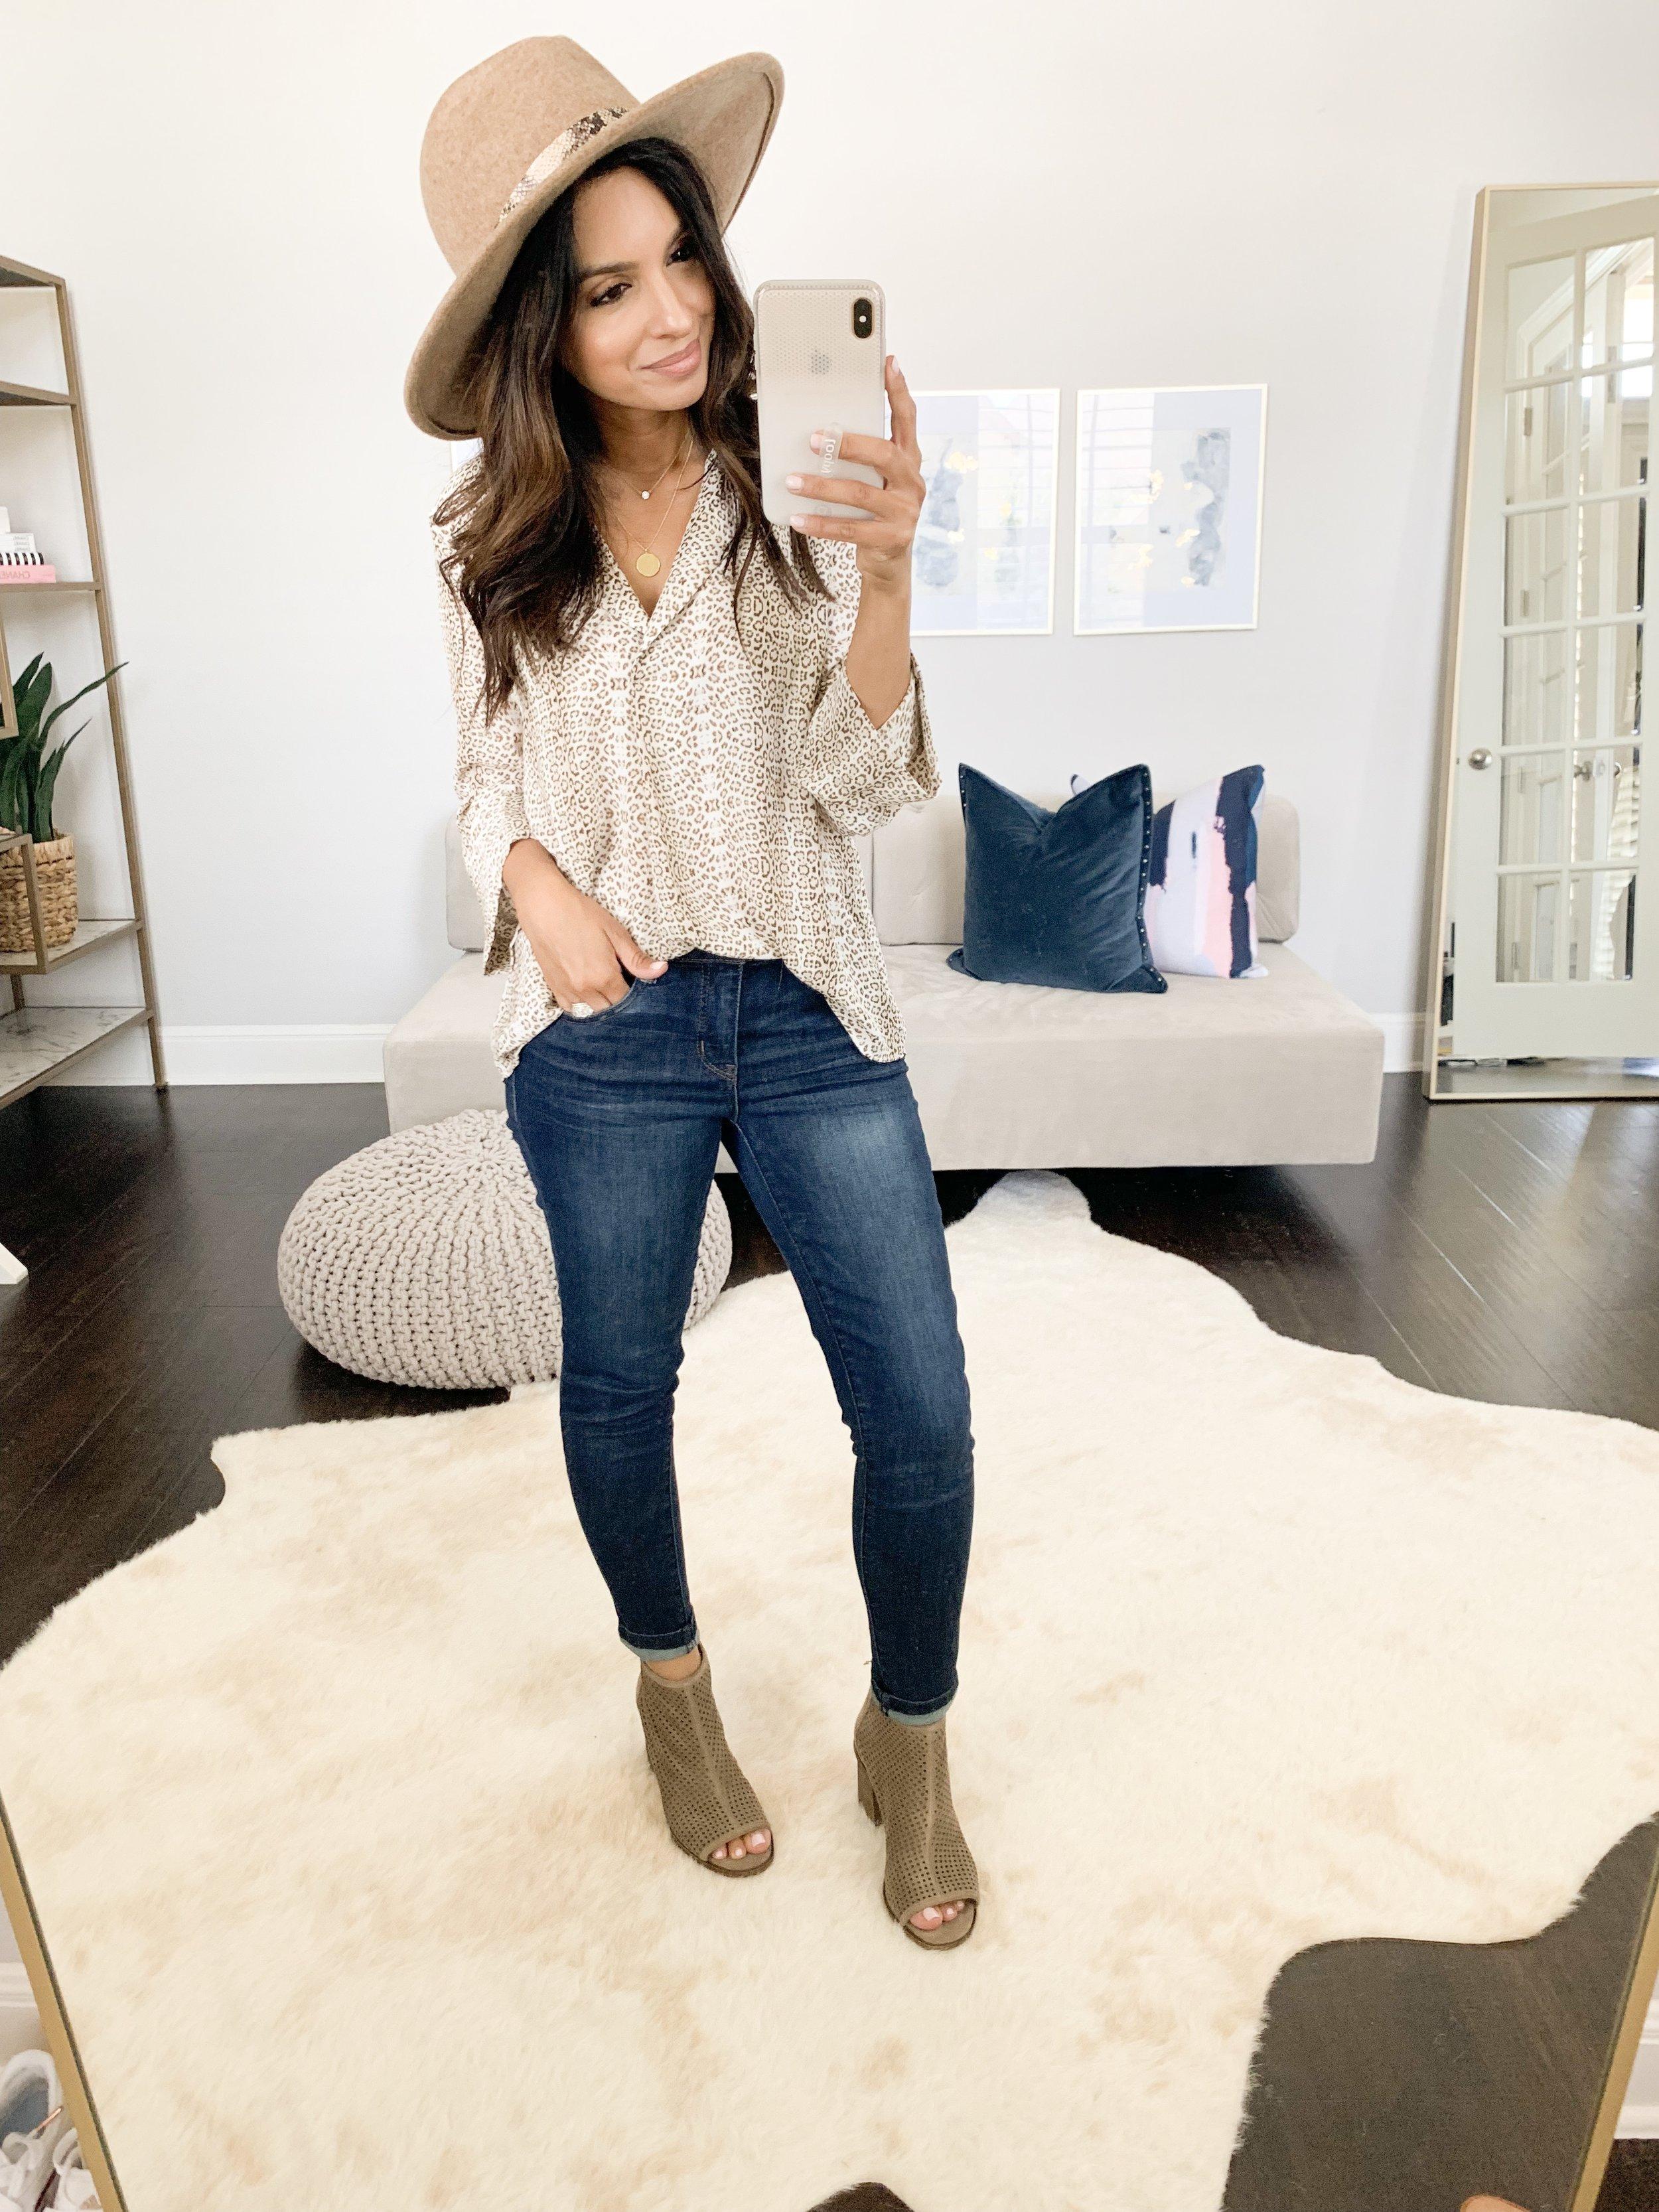 Top (XS) // Jeans (TTS) // Booties (TTS) // Hat